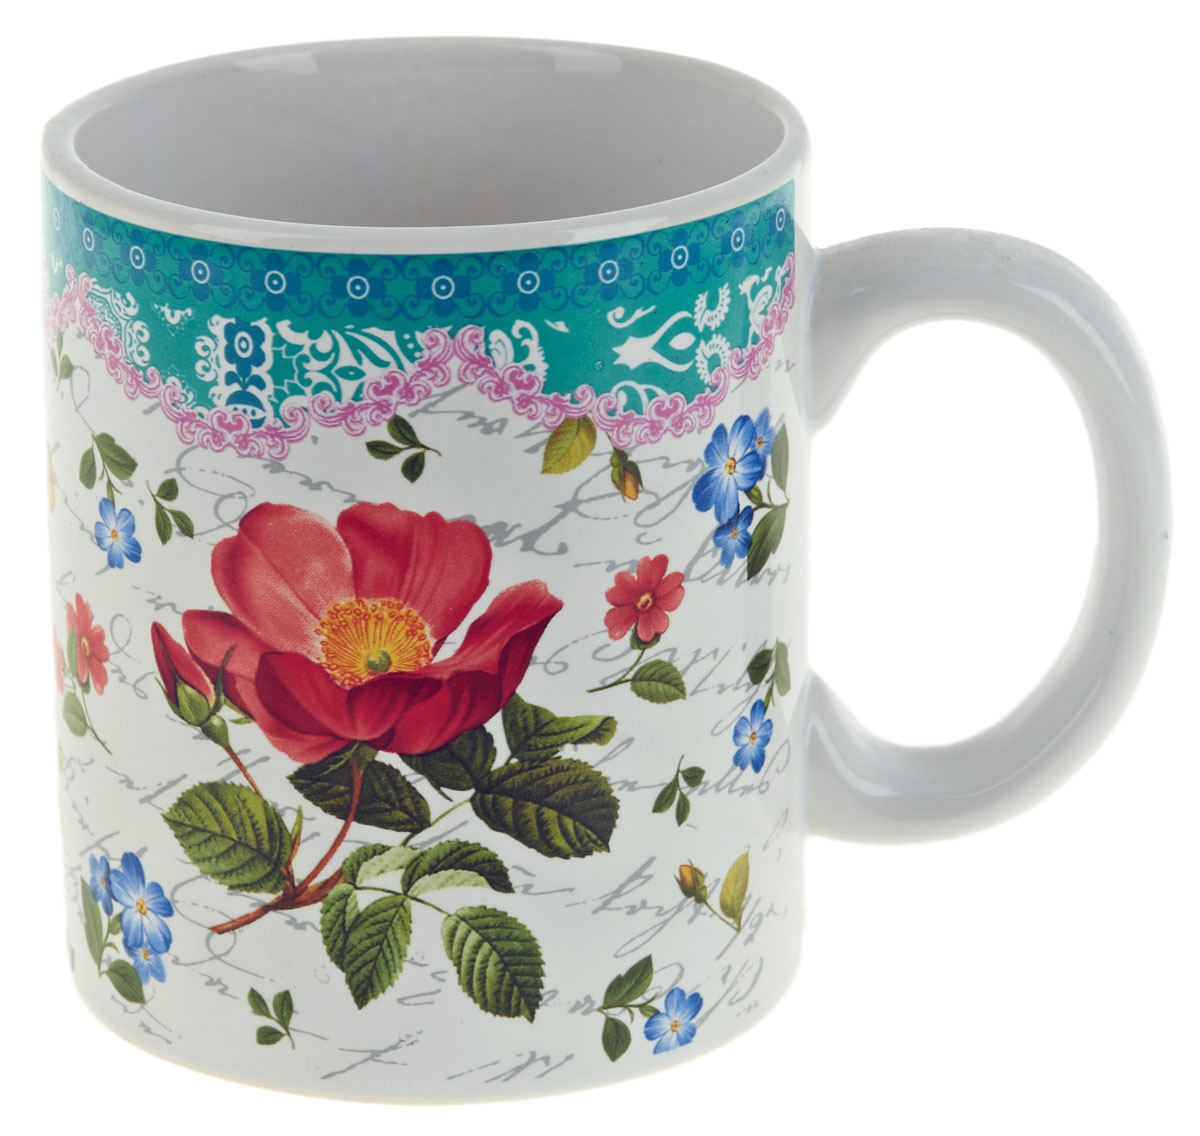 Кружка ENS Group Цветочная поэма, 400 мл. 0660119FS-91909Кружка Цветочная поэма выполнена из высококачественной керамики и декорирована изображением розы и надписями.Кружка сочетает в себе оригинальный дизайн и функциональность. Благодаря такой кружке пить напитки будет еще вкуснее. Кружка упакована в подарочную упаковку и может послужить отличным подарком родным и близким!